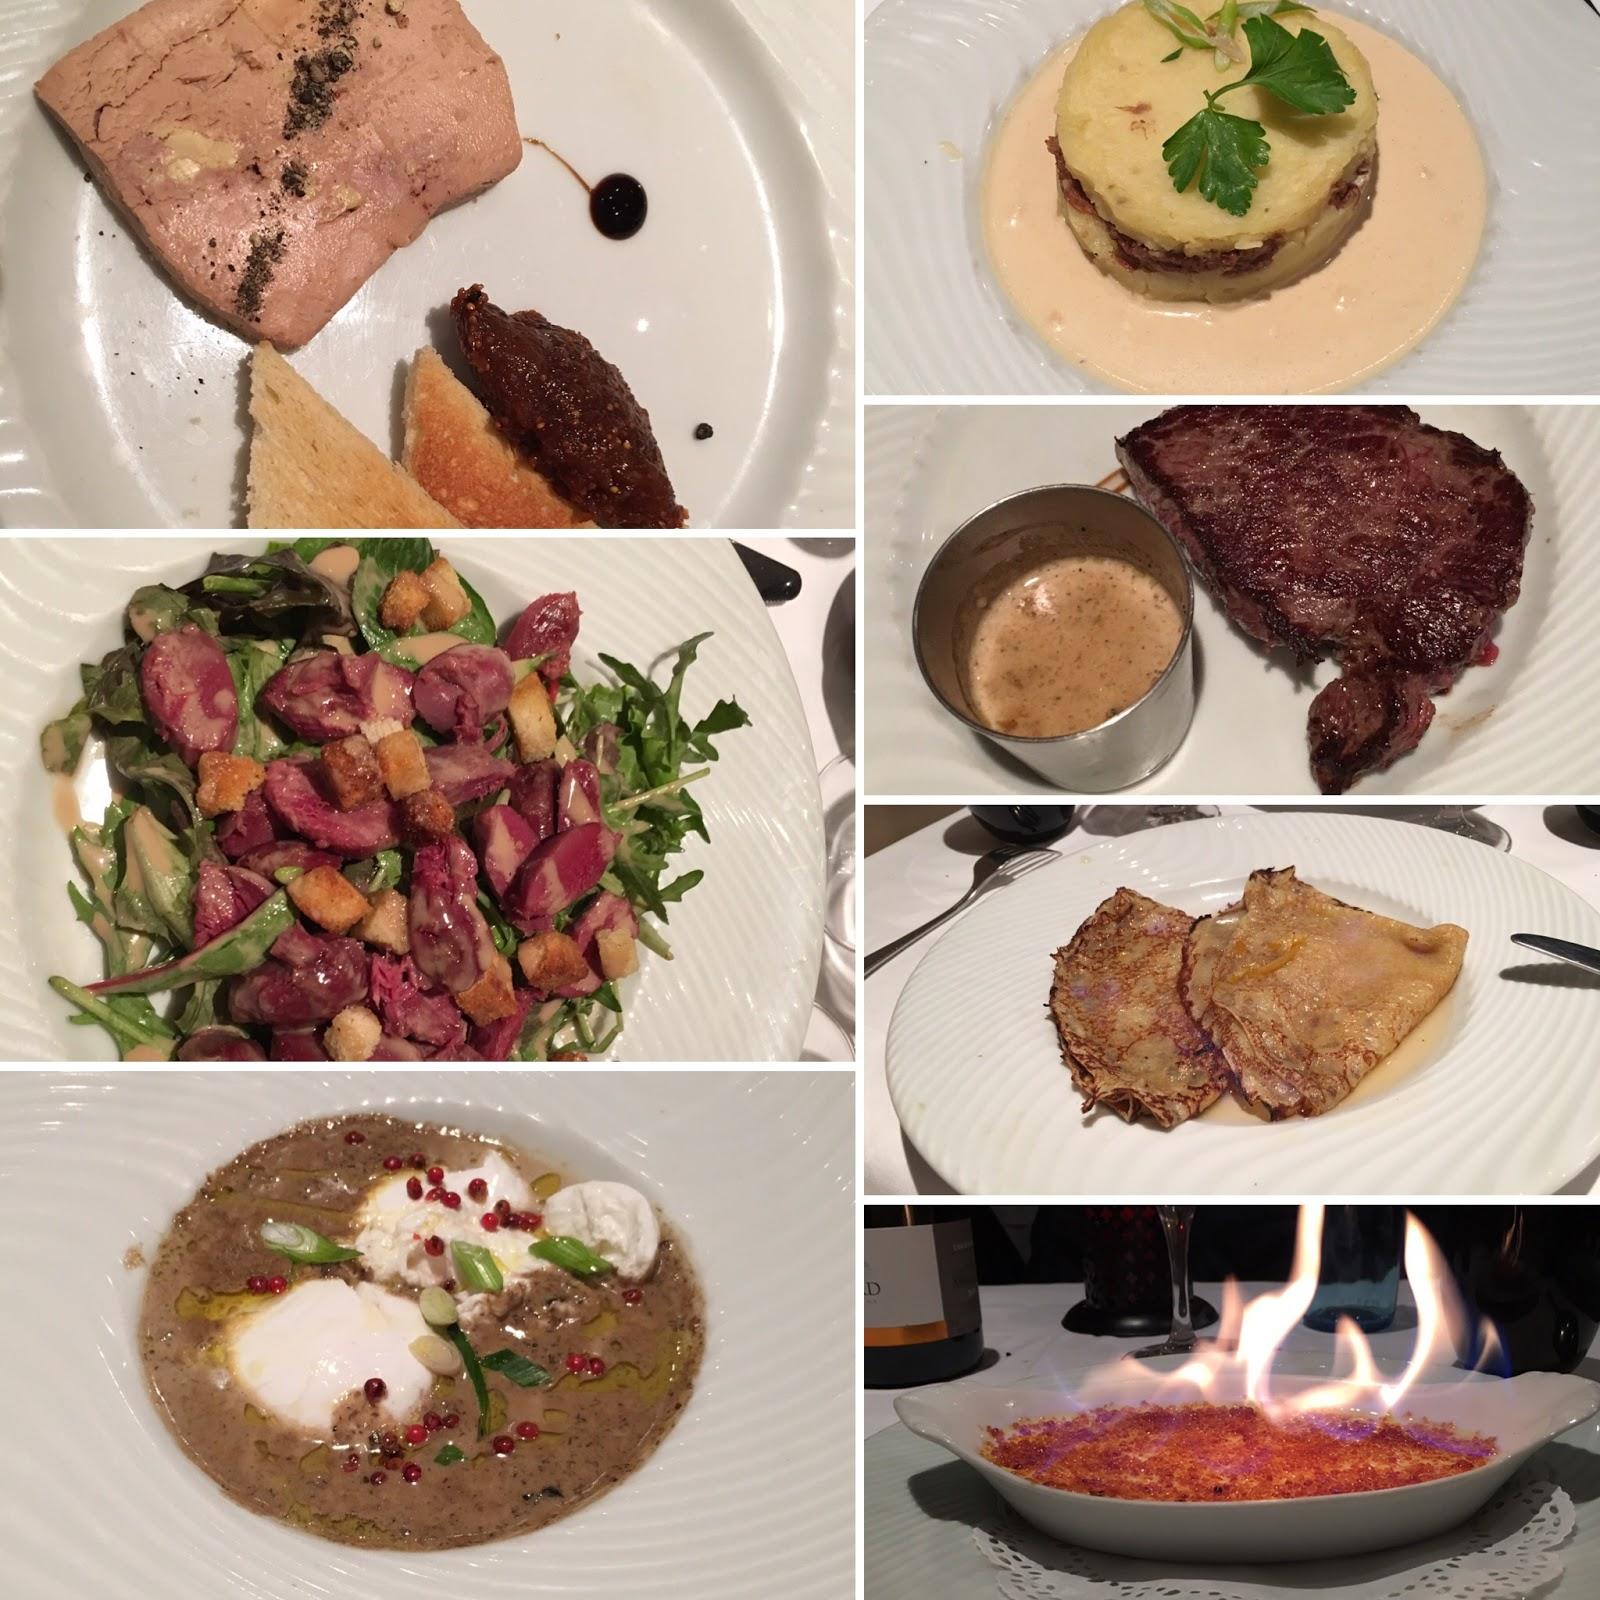 deuxaimes, le bistro champêtre, paris 15, restaurant, bistronomie, avis, photos